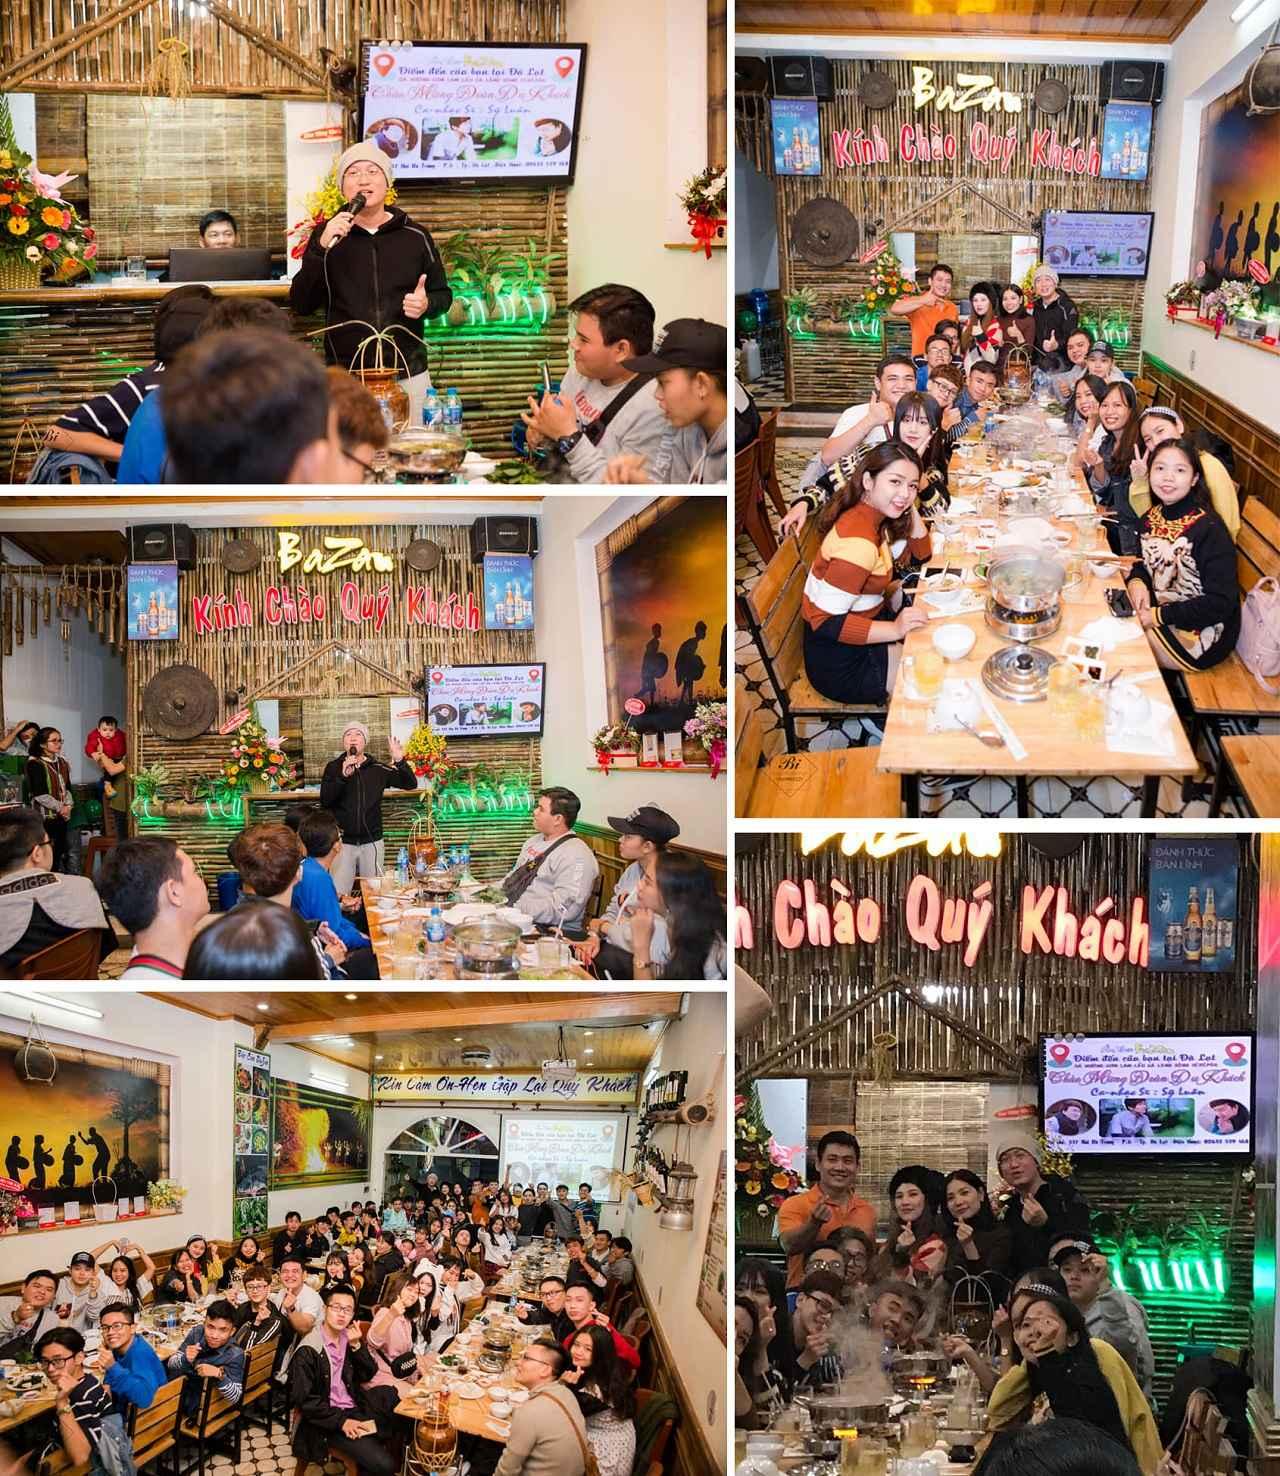 Nhà hàng cơm lam gà nướng nổi tiếng tại Đà Lạt